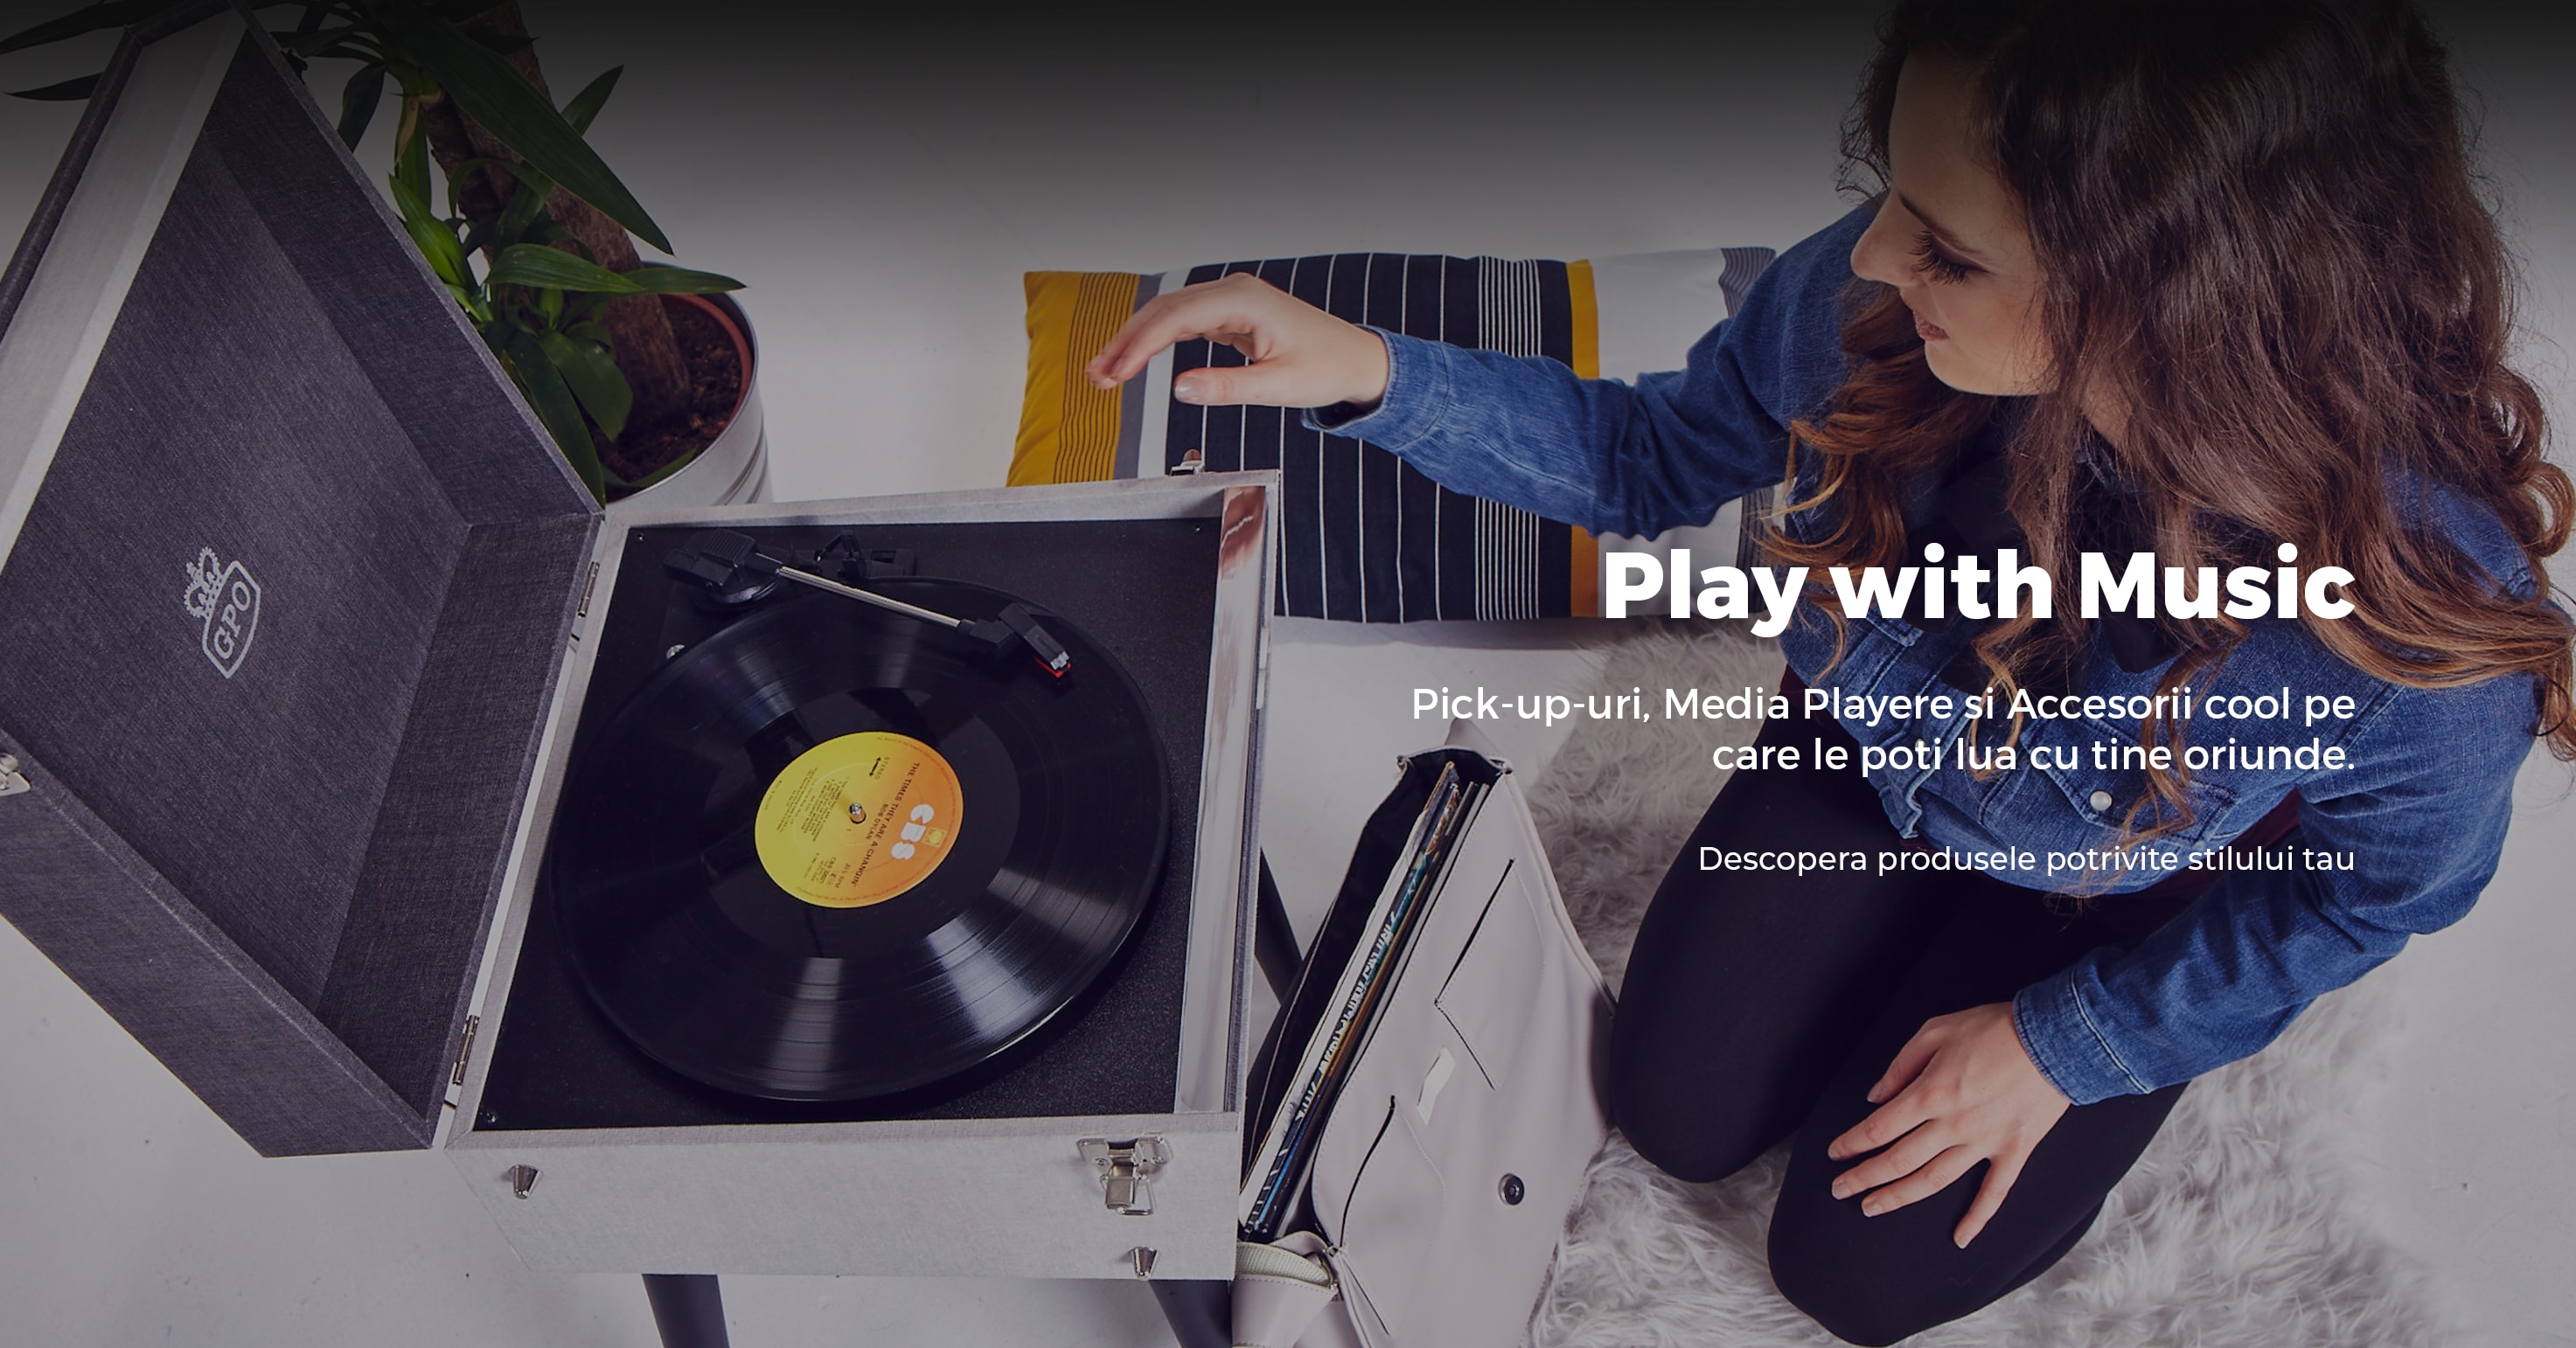 Play with music - Descopera produsele potrivite stilului tau